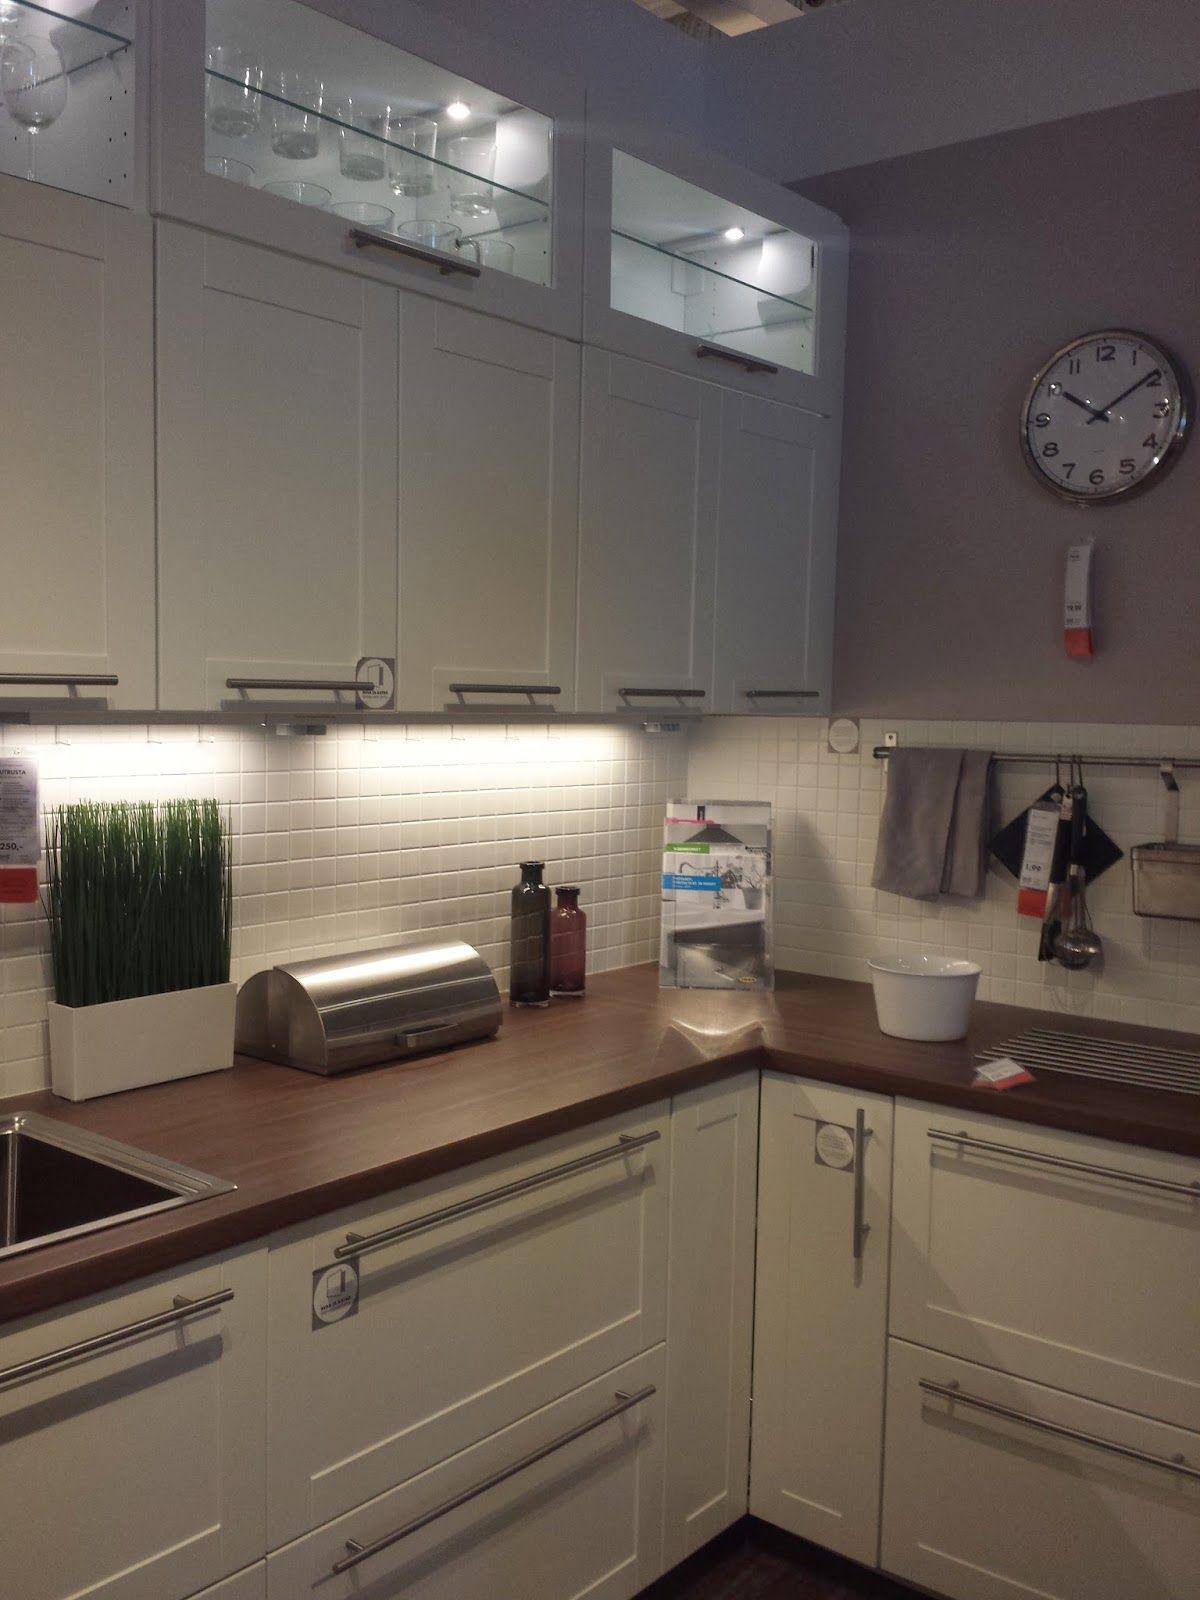 valkoinen keittiö tumma puutaso - Google-haku